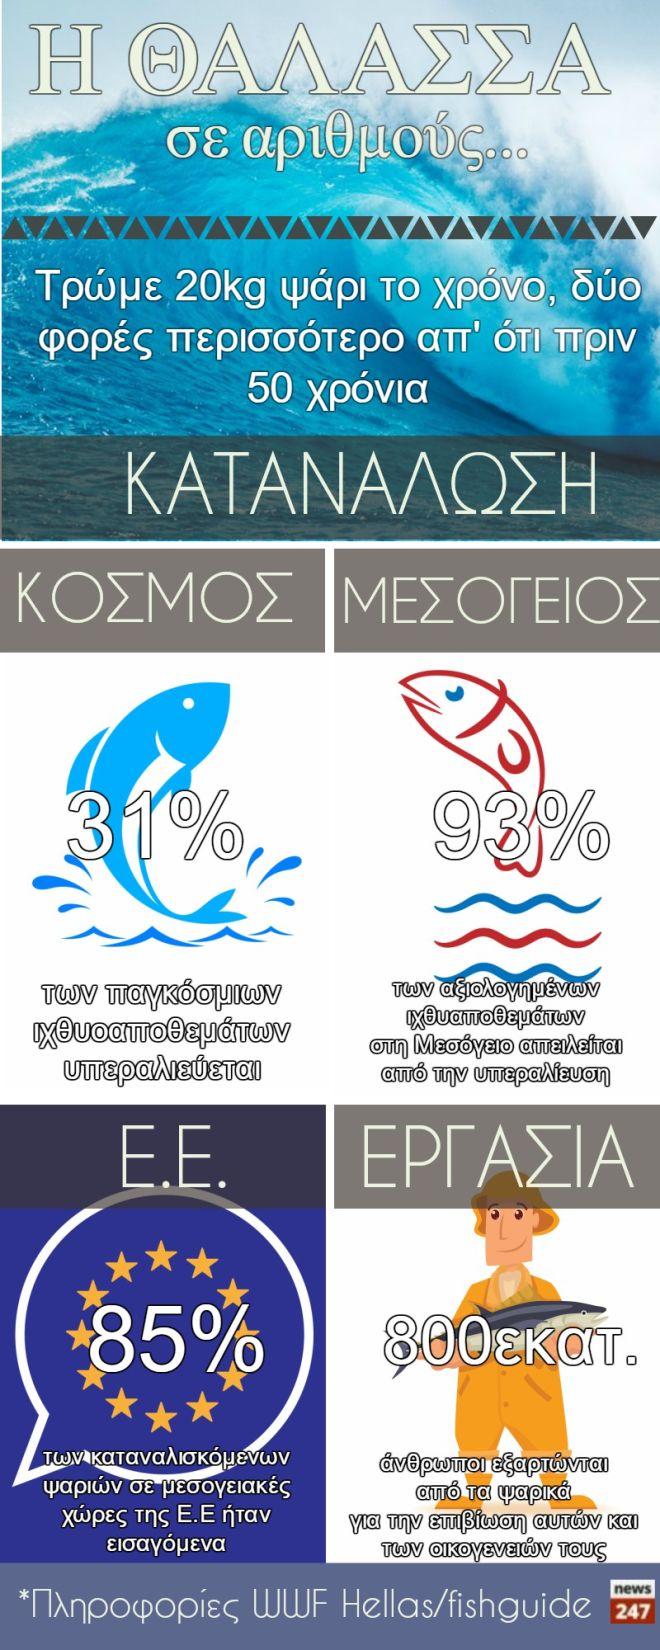 Εσύ, ξέρεις να επιλέγεις φρέσκο και βιώσιμο ψάρι;